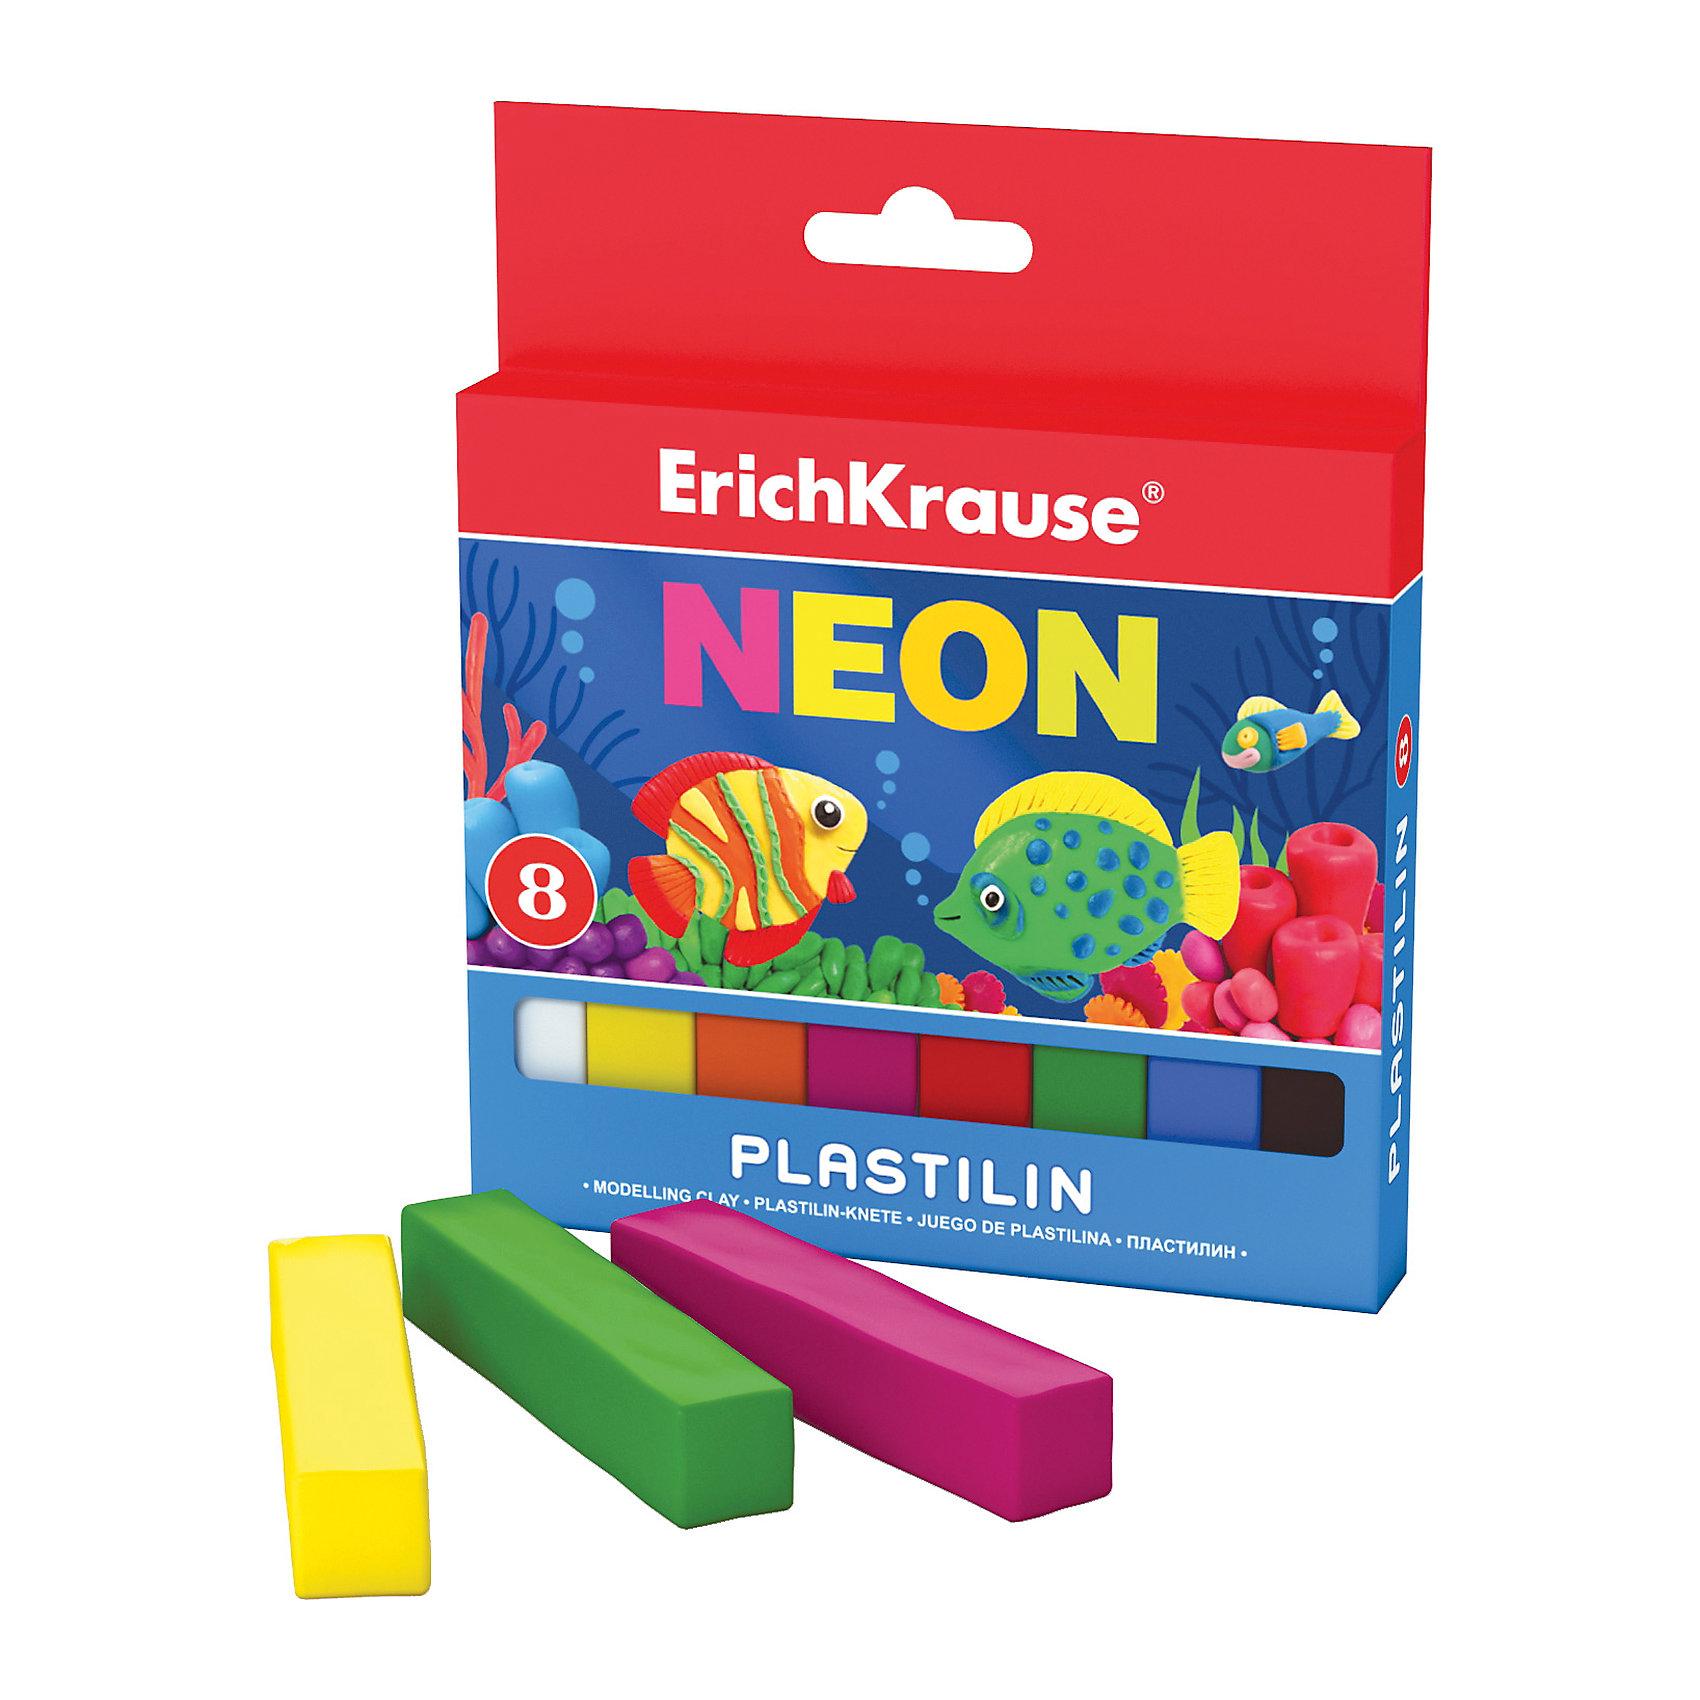 Пластилин Neon 8 цветов, 120гЛепка<br>Пластилин Neon 8 цветов, 120г.<br><br>Характеристики:<br><br>• В набор входит: 8 брусочков пластилина<br>• Размер упаковки: 13 * 1,4 * 11 см.<br>• Вес: 137 г.<br>• Для детей в возрасте: от 3-х лет<br>• Страна производитель: Китай<br><br>Восемь ярких цветных брусочков пластилина изготовлены из безопасных для детей материалов и уже готовы к лепке. Насыщенные неоновые цвета светятся под ультрафиолетовой лампой,почти не оставляют следов на руках и могут перемешиваться между собой. Поделки из разных цветов отлично прикрепляются друг к другу. Работая с пластилином вы можете делать объемные фигурки, а также можете наносить пластилин на бумагу, картон или даже стекло, чтобы выполнять новые картины или даже фрески. <br><br>В набор входят основные восемь цветов, которые помогут создать множество поделок. Занимаясь лепкой дети развивают моторику рук, творческие способности, восприятие цветов и их сочетаний, а также лепка благотворно влияет на развитие речи, координацию движений, память и логическое мышление. Лепка всей семьей поможет весело и пользой провести время!<br><br>Пластилин Neon 8 цветов, 120г. можно купить в нашем интернет-магазине.<br><br>Ширина мм: 107<br>Глубина мм: 127<br>Высота мм: 14<br>Вес г: 137<br>Возраст от месяцев: 60<br>Возраст до месяцев: 216<br>Пол: Унисекс<br>Возраст: Детский<br>SKU: 5409295